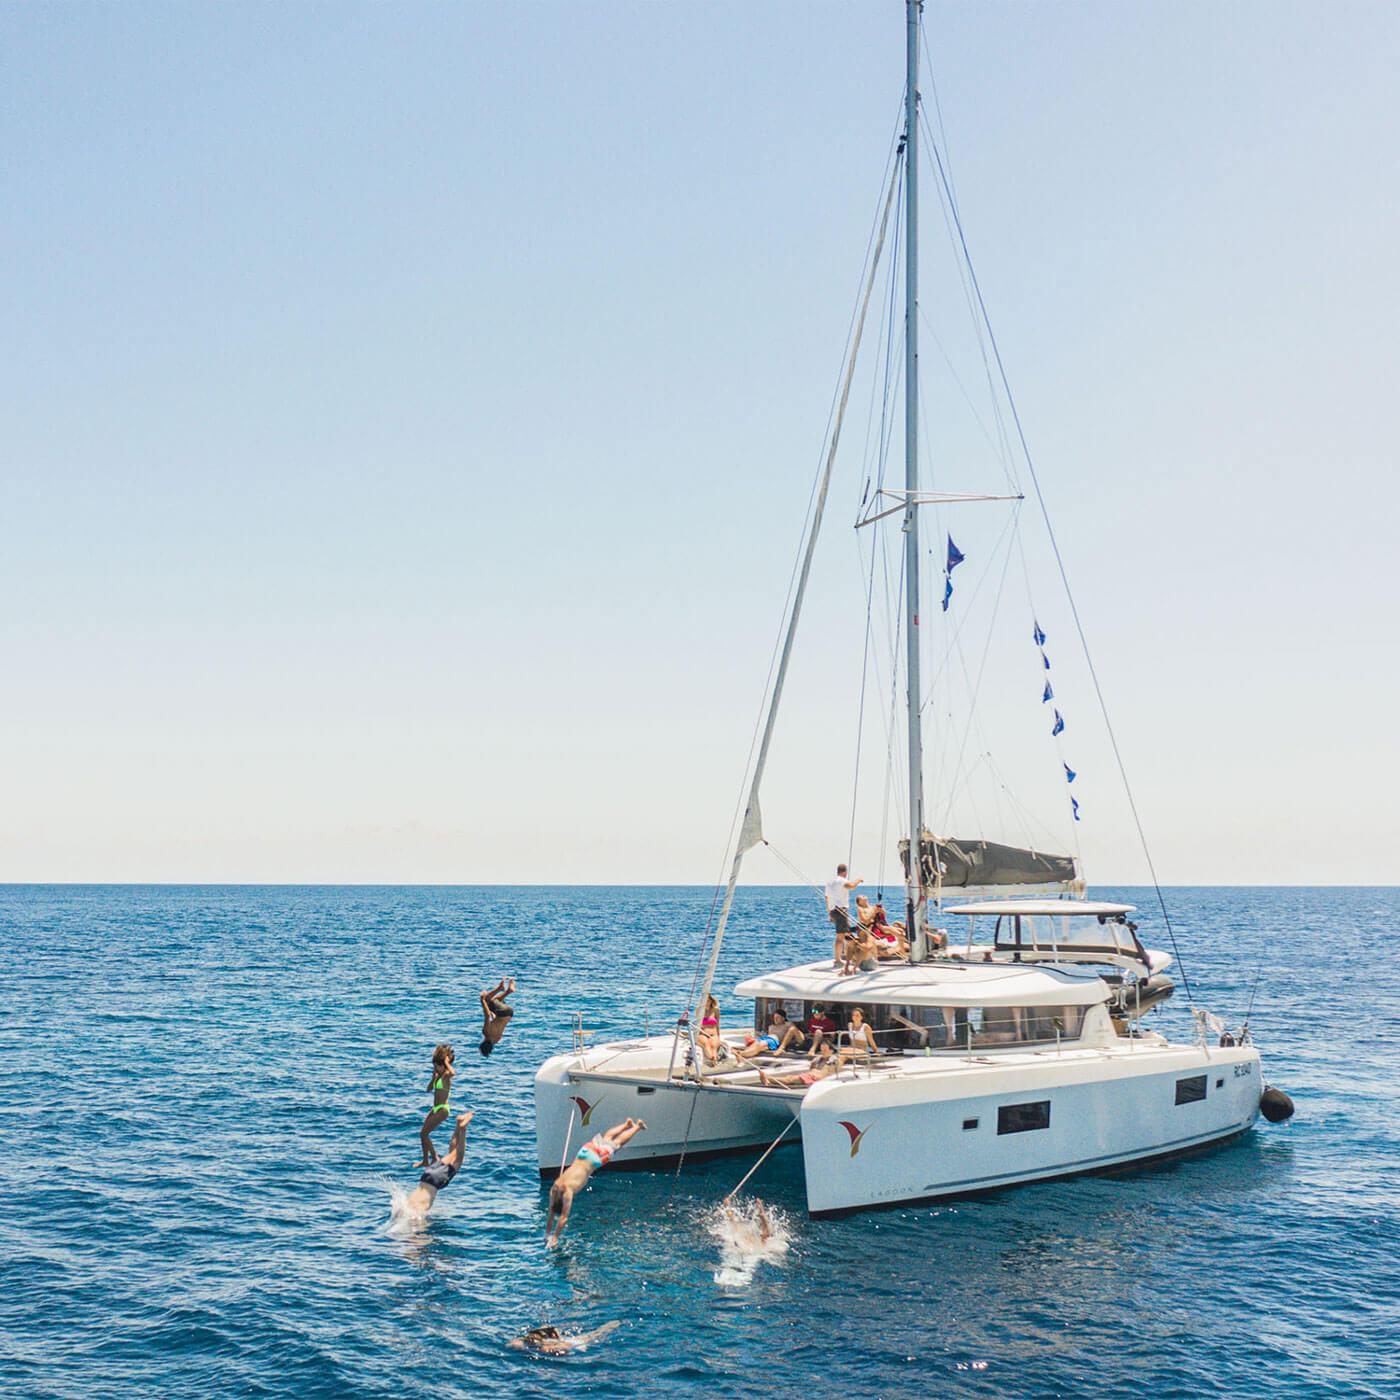 Un gruppo di persone si tuffa in mare saltando da un catamarano a vela.